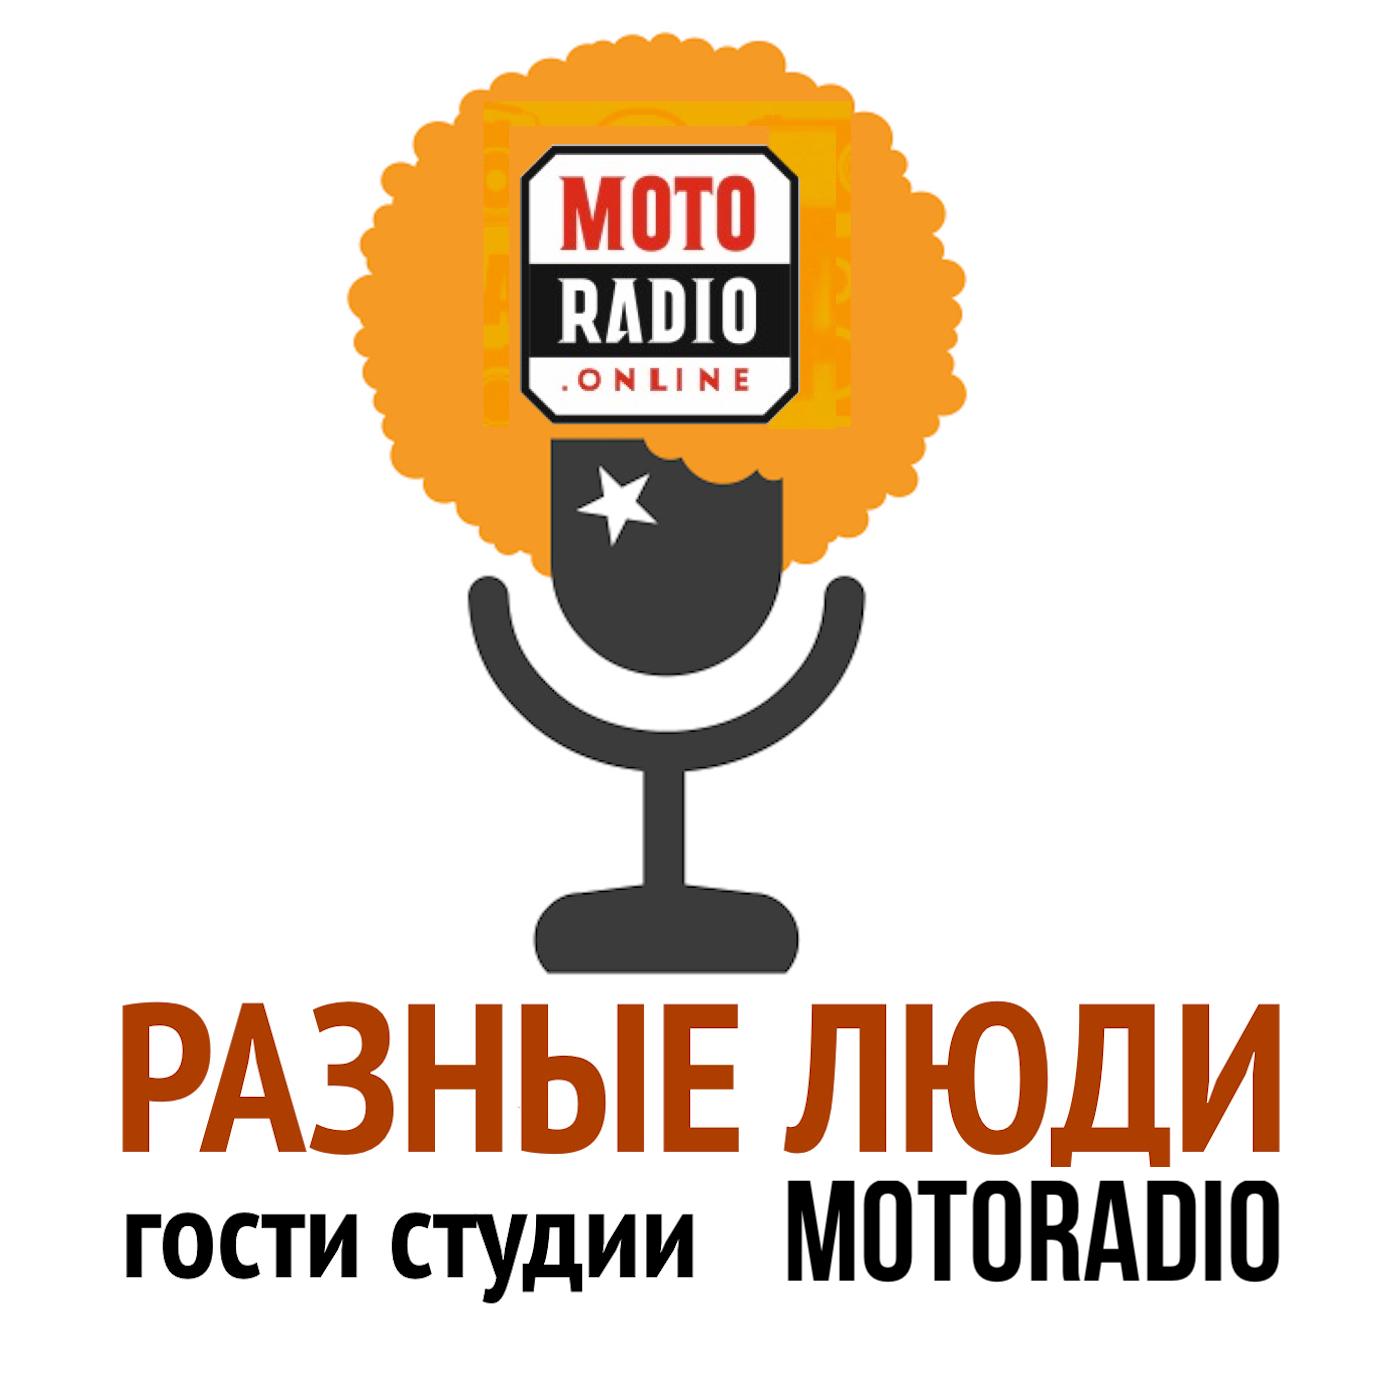 Моторадио О всероссийском чемпионате по украшению ёлок рассказывают организаторы события. ejie ga1019 сети